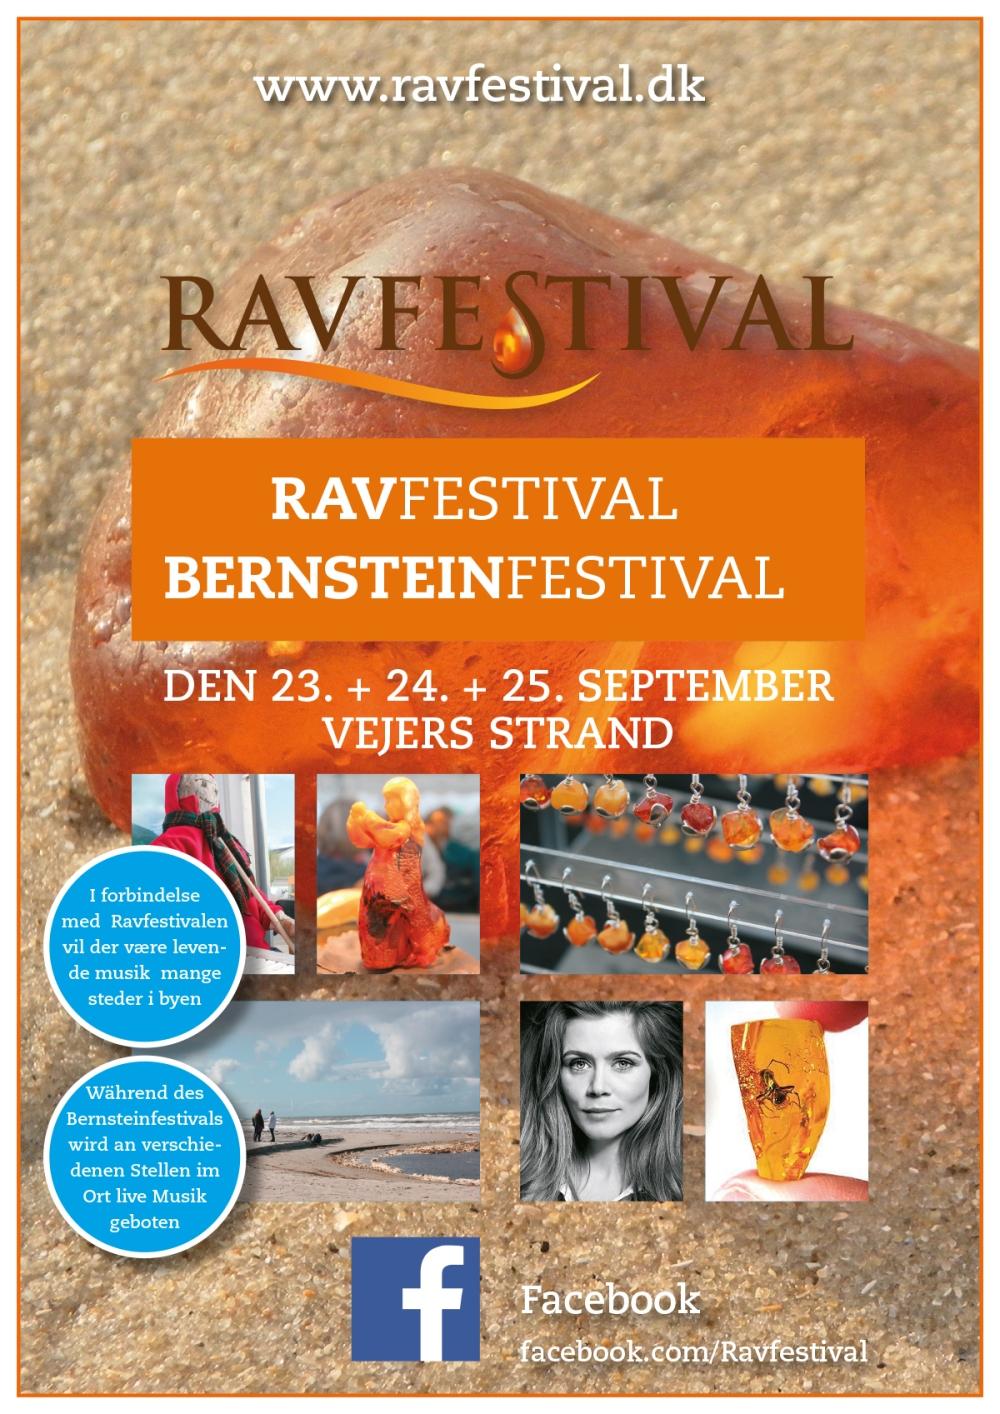 Ravfestival 2016 - Plakat